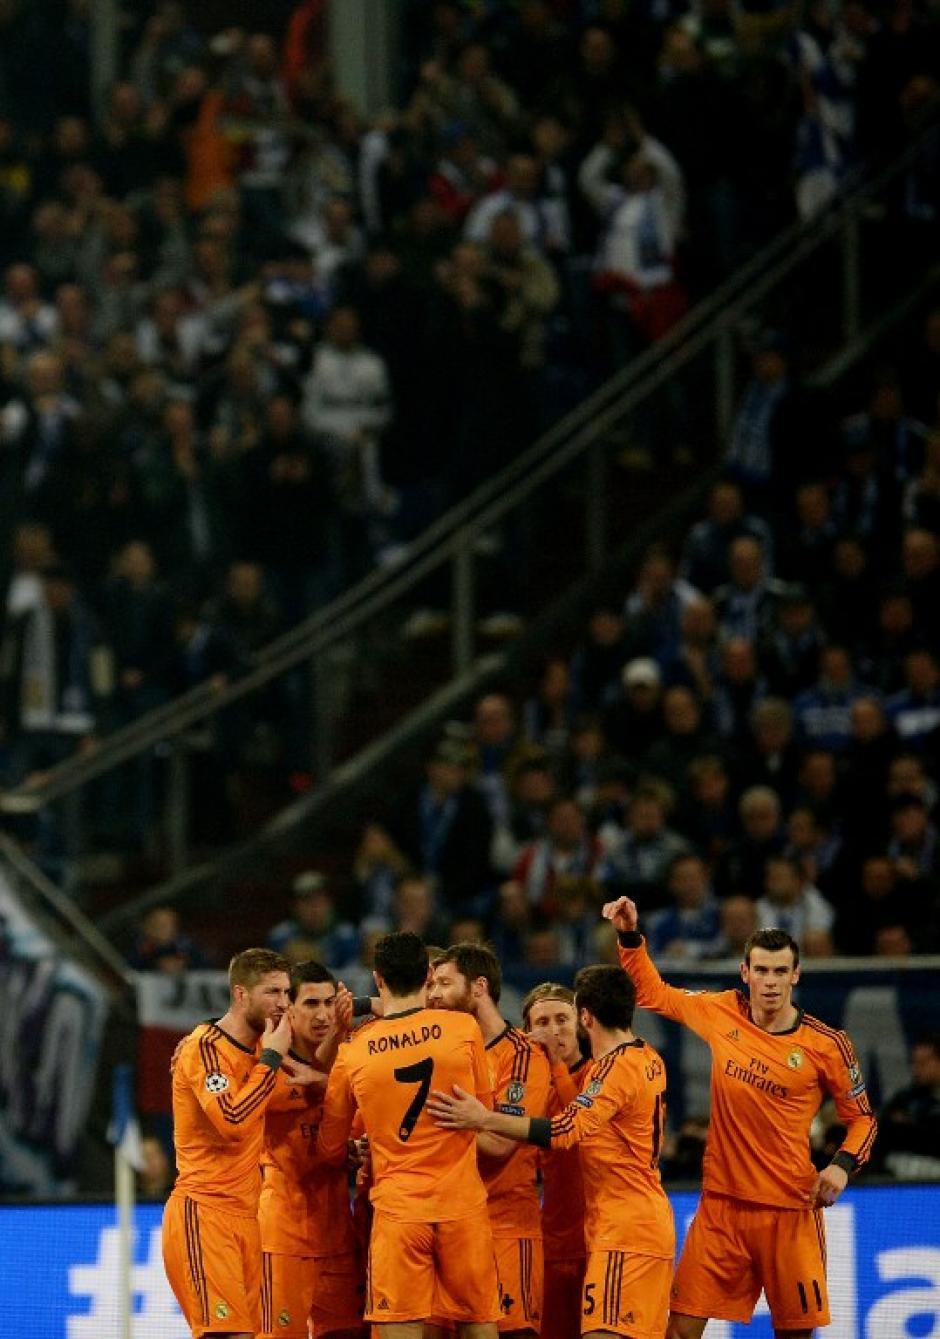 Los madridistas celebran luego de la apertura del marcador por parte del francés Benzema. (Foto: AFP)